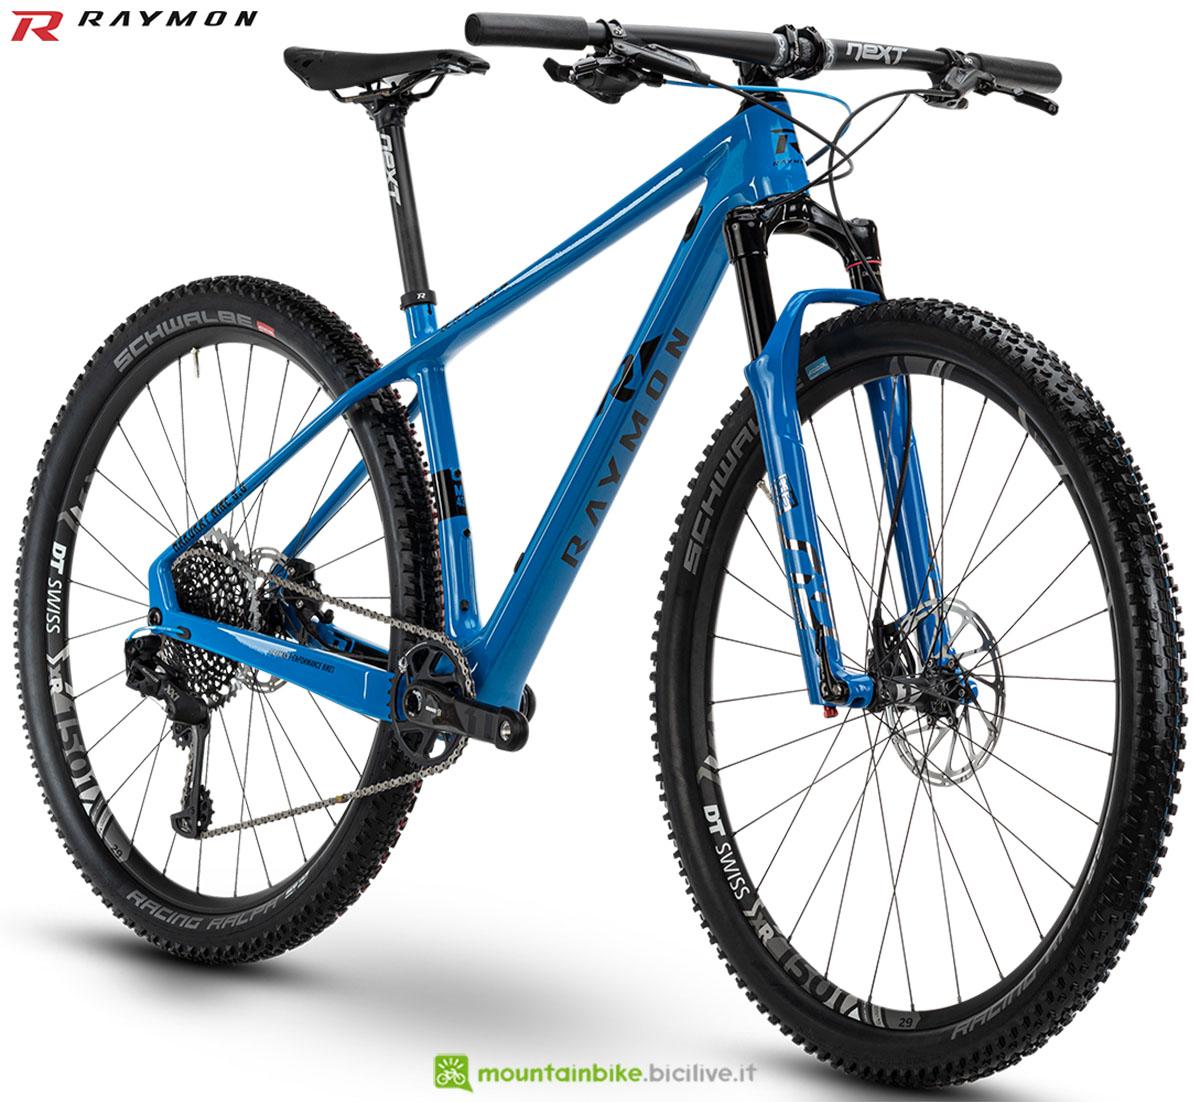 Una bici mtb R Raymon Hardray Nine 9.0 Carbon 2020